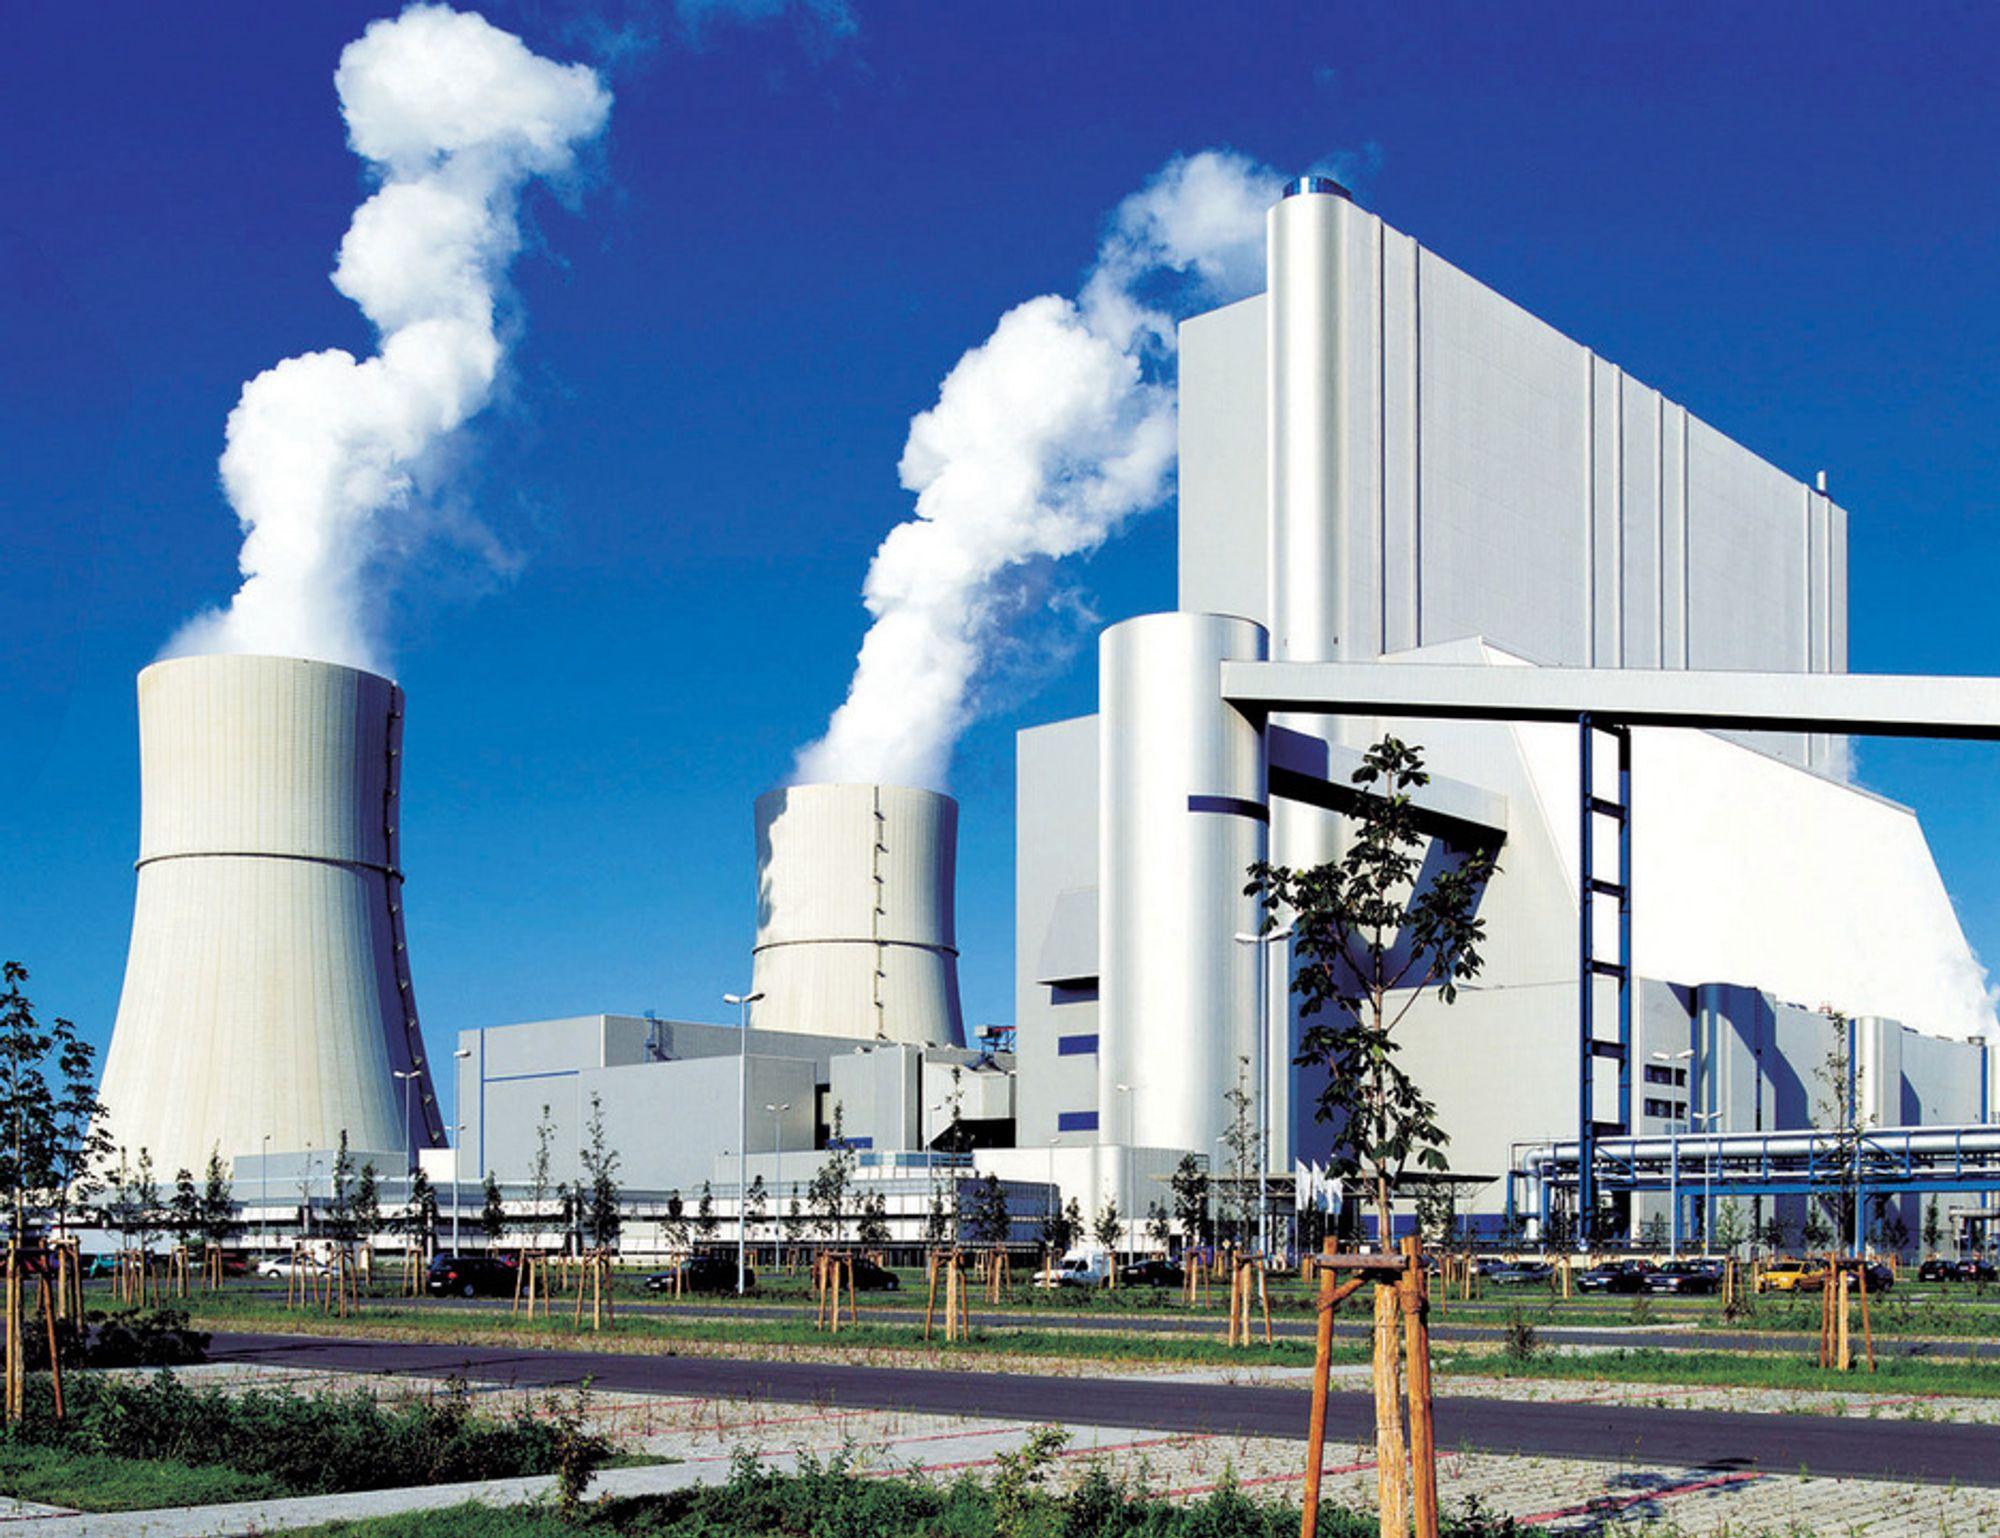 KULLKRAFT: Vattenfalls tyske brunkullsverk Schwarze Pumpe. Nå planlegger konsernet mer kullkraft i Polen. Det erstatter eldre og mer forurensende kullkraftverk, men vil fortsatt gi store utslipp av CO2.